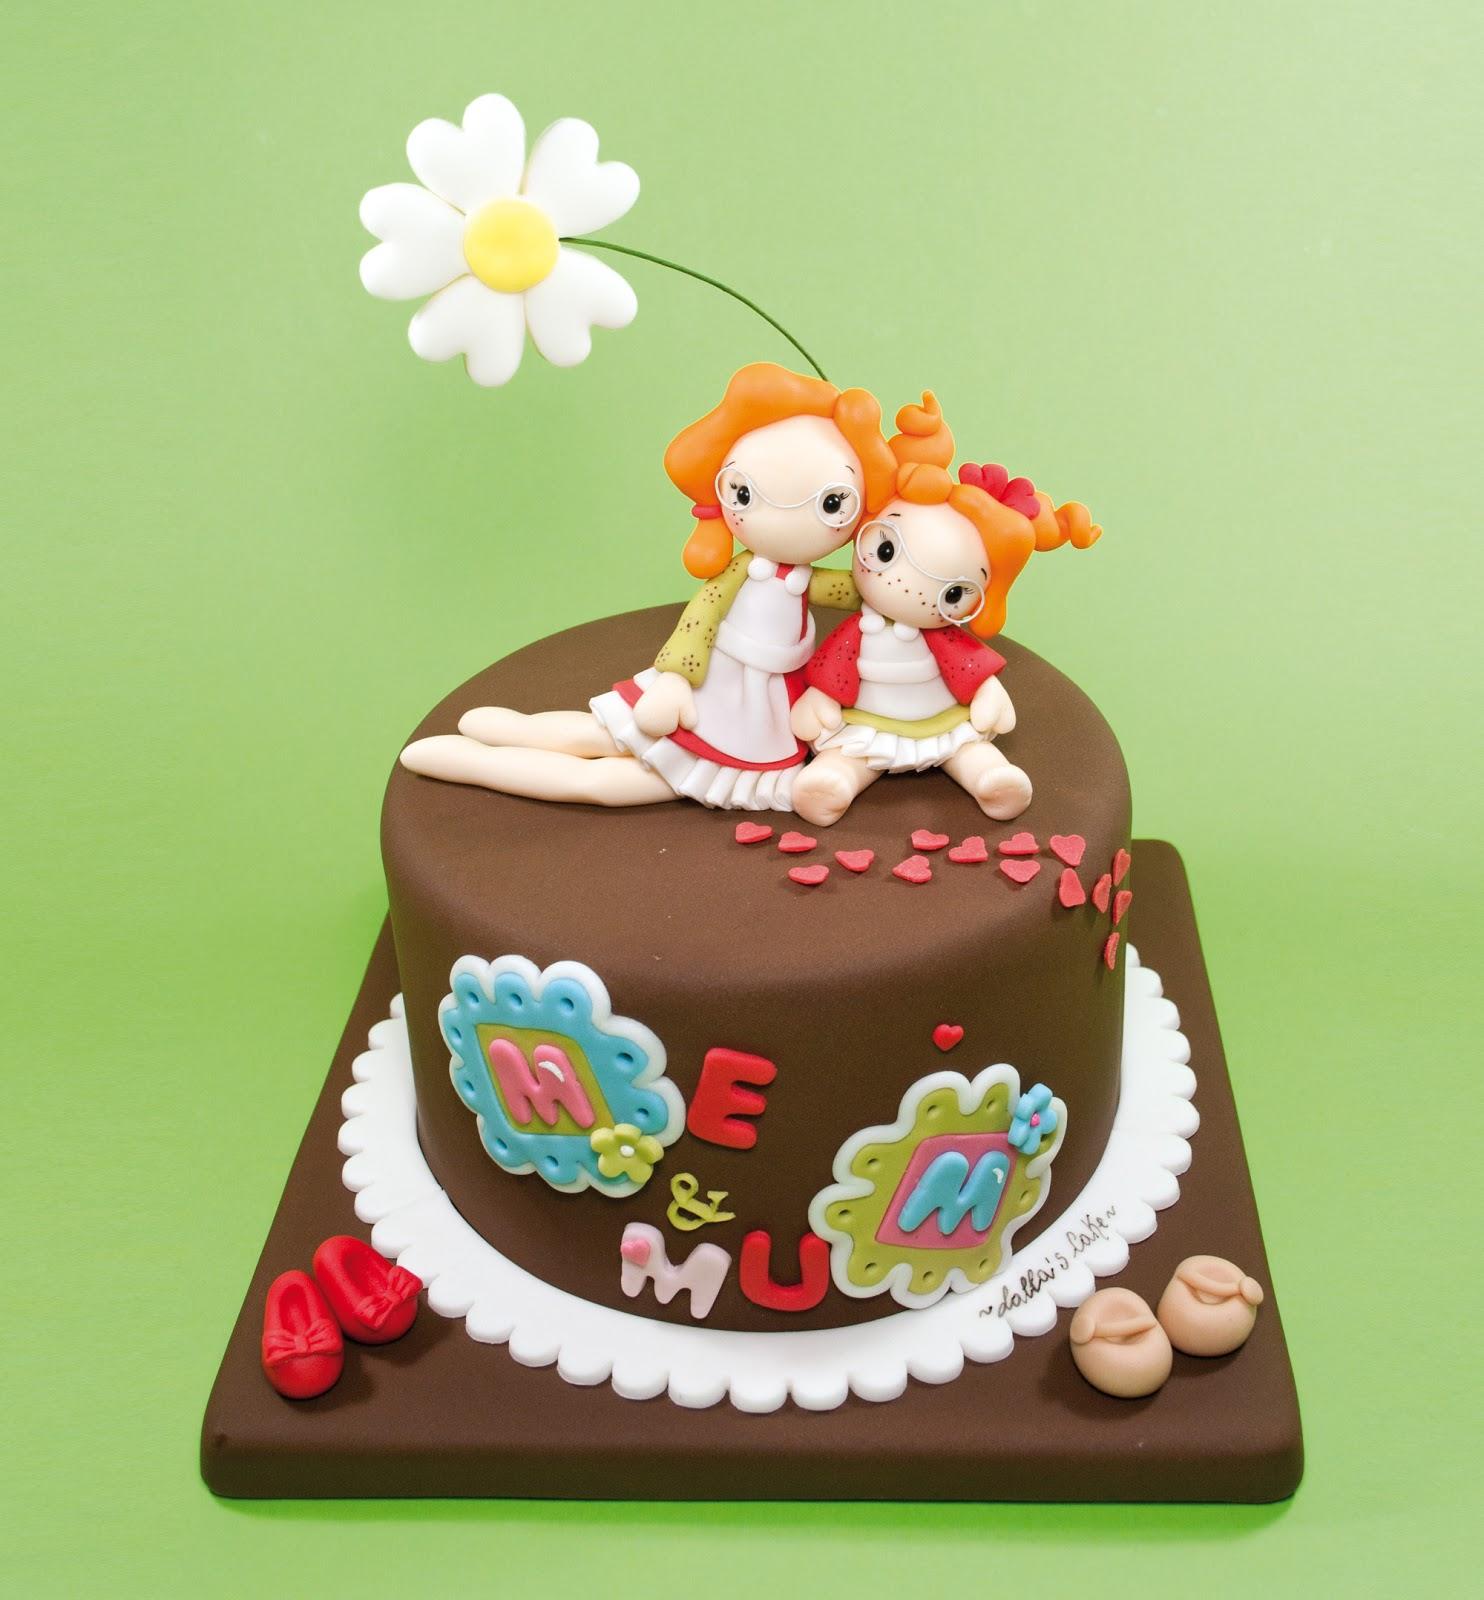 Cake Design Mensile : LaDe: Lalla s Cake e le sue dolcezze editoriali.